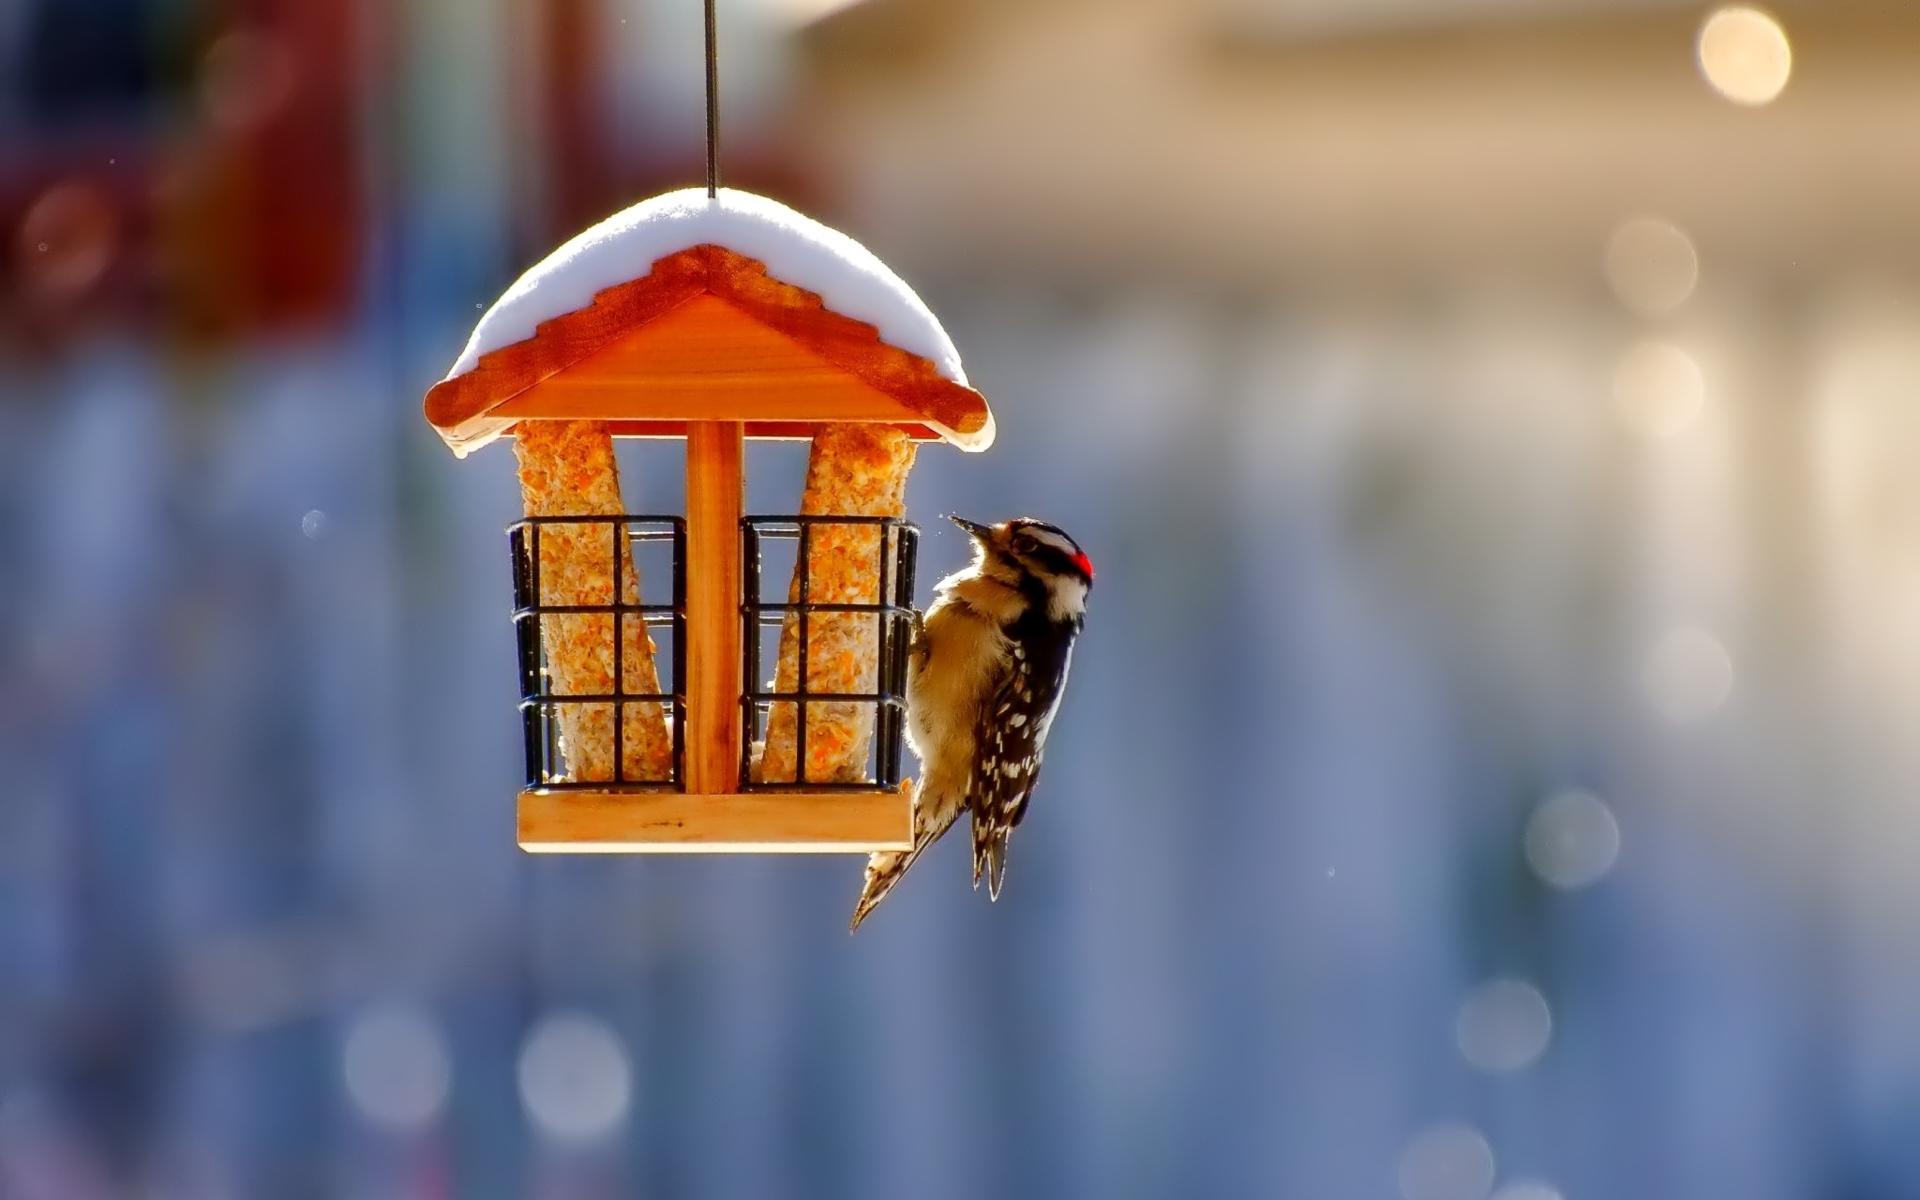 Winter Bird House Wallpaper for Widescreen Desktop PC ...